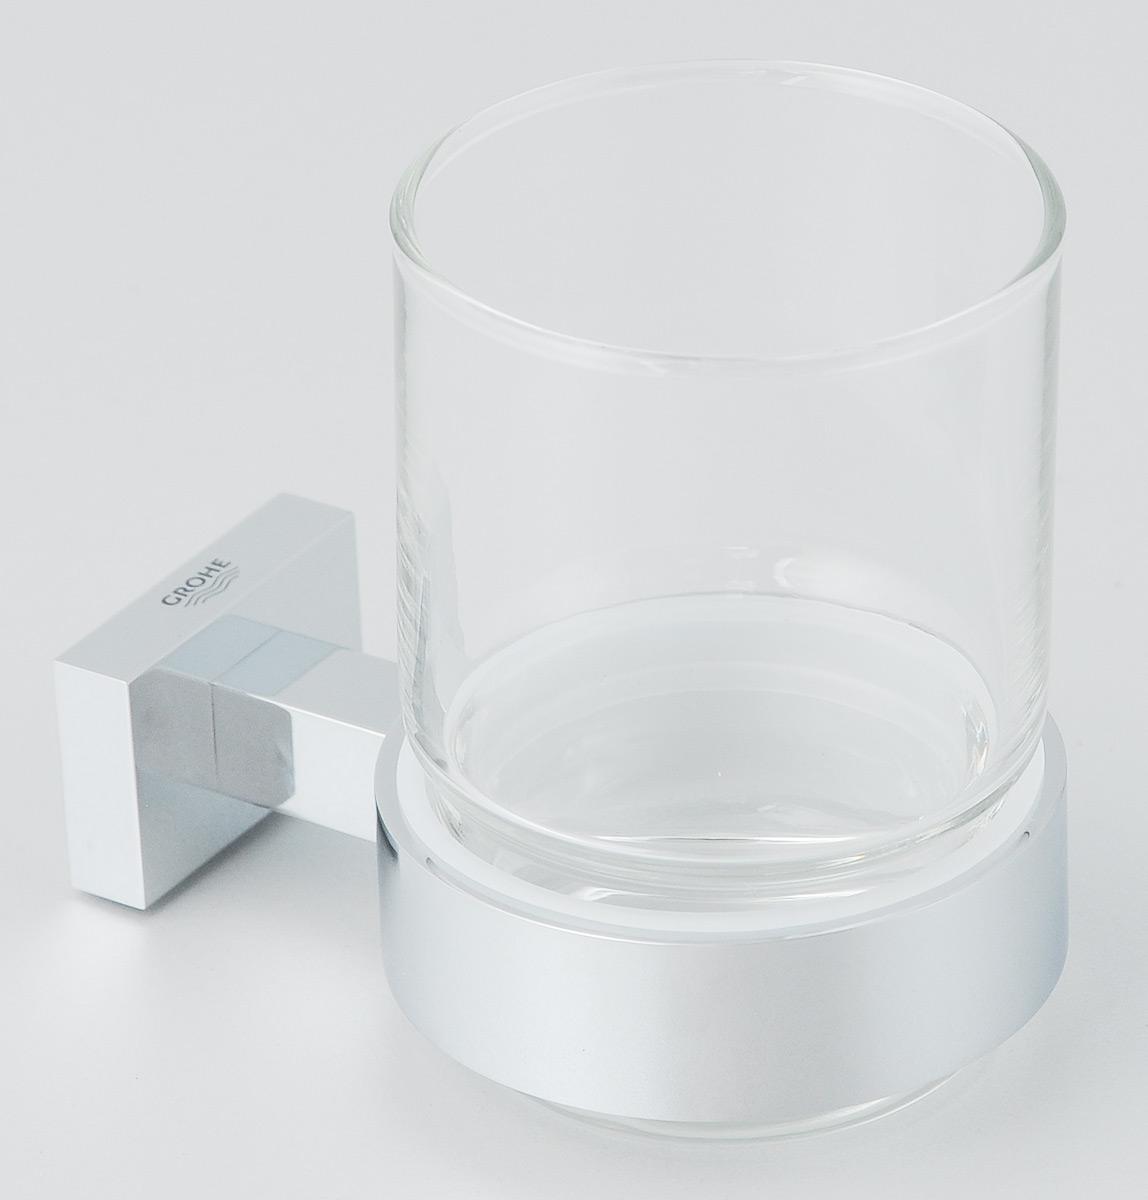 Стакан Grohe Essentials Cube, с держателем40755001Стакан с держателем Grohe Essentials Cube очень практичен и функционален. Стакан выполнен из толстого стекла. Держатель изготовлен из металла с хромированным покрытием. Благодаря специальной технологии Grohe StarLight покрытие обеспечивает сияющий блеск на протяжении всего срока службы. Кроме того, оно отталкивает грязь, не тускнеет и обладает высокой степенью износостойкости. Стакан крепится к стене (крепежные элементы поставляются в комплекте). Крепление скрытое. Благодаря неизменно актуальному дизайну и долговечному хромированному покрытию, такой стакан отлично дополнит интерьер ванной комнаты, воплощая собой изысканный стиль и превосходное качество. Диаметр стакана: 7 см. Высота стакана: 9,5 см. Размер (с держателем): 11 х 7 х 9,5 см.